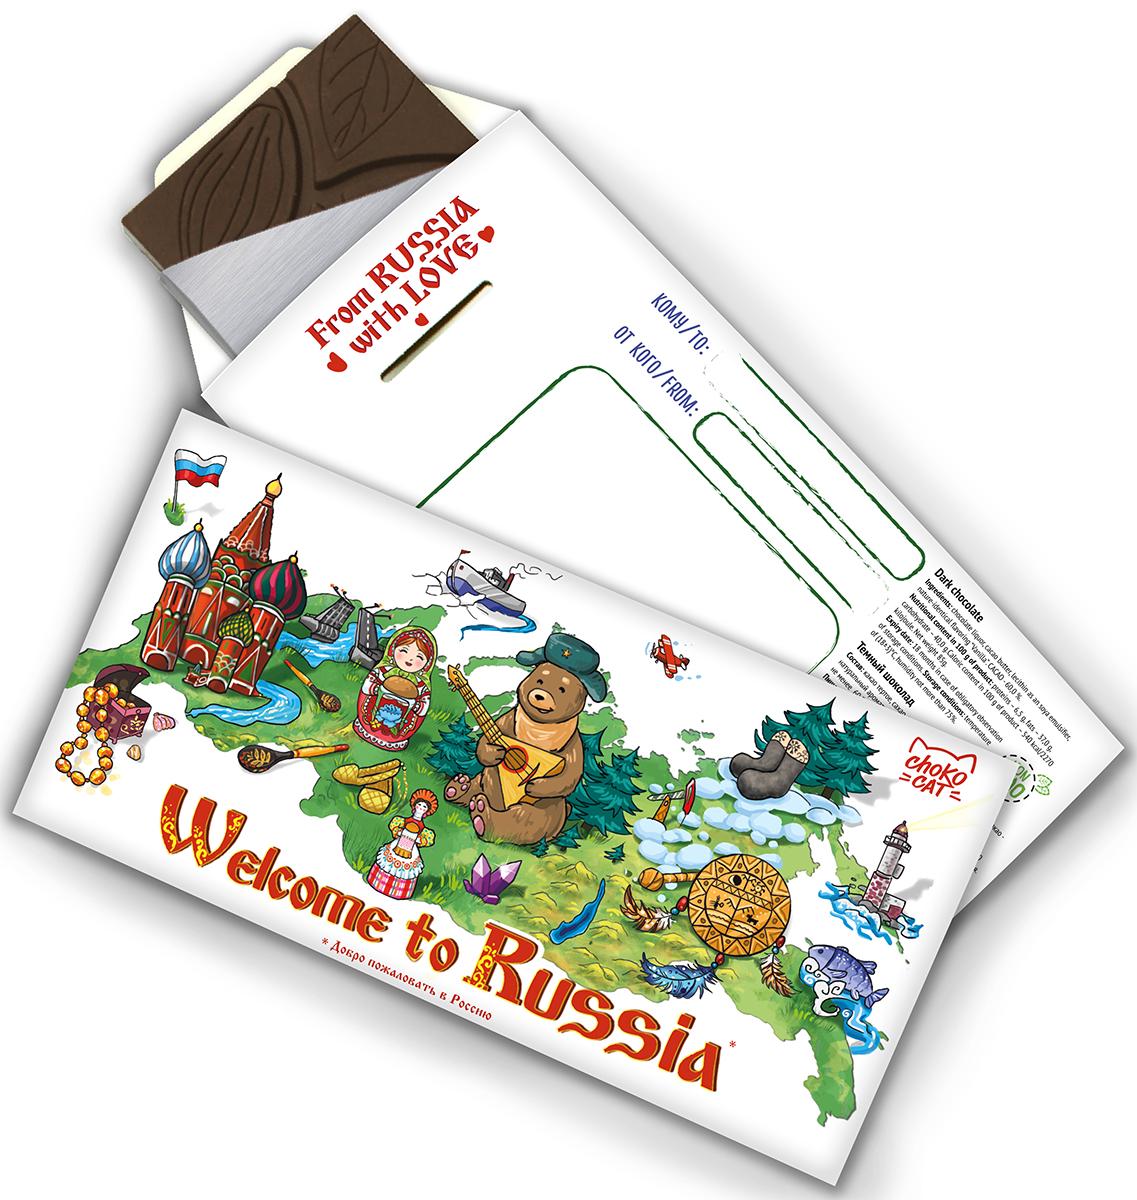 Chokocat Добро пожаловать в Россию! темный шоколад, 85 г chokocat с днем рождения темный шоколад 85 г